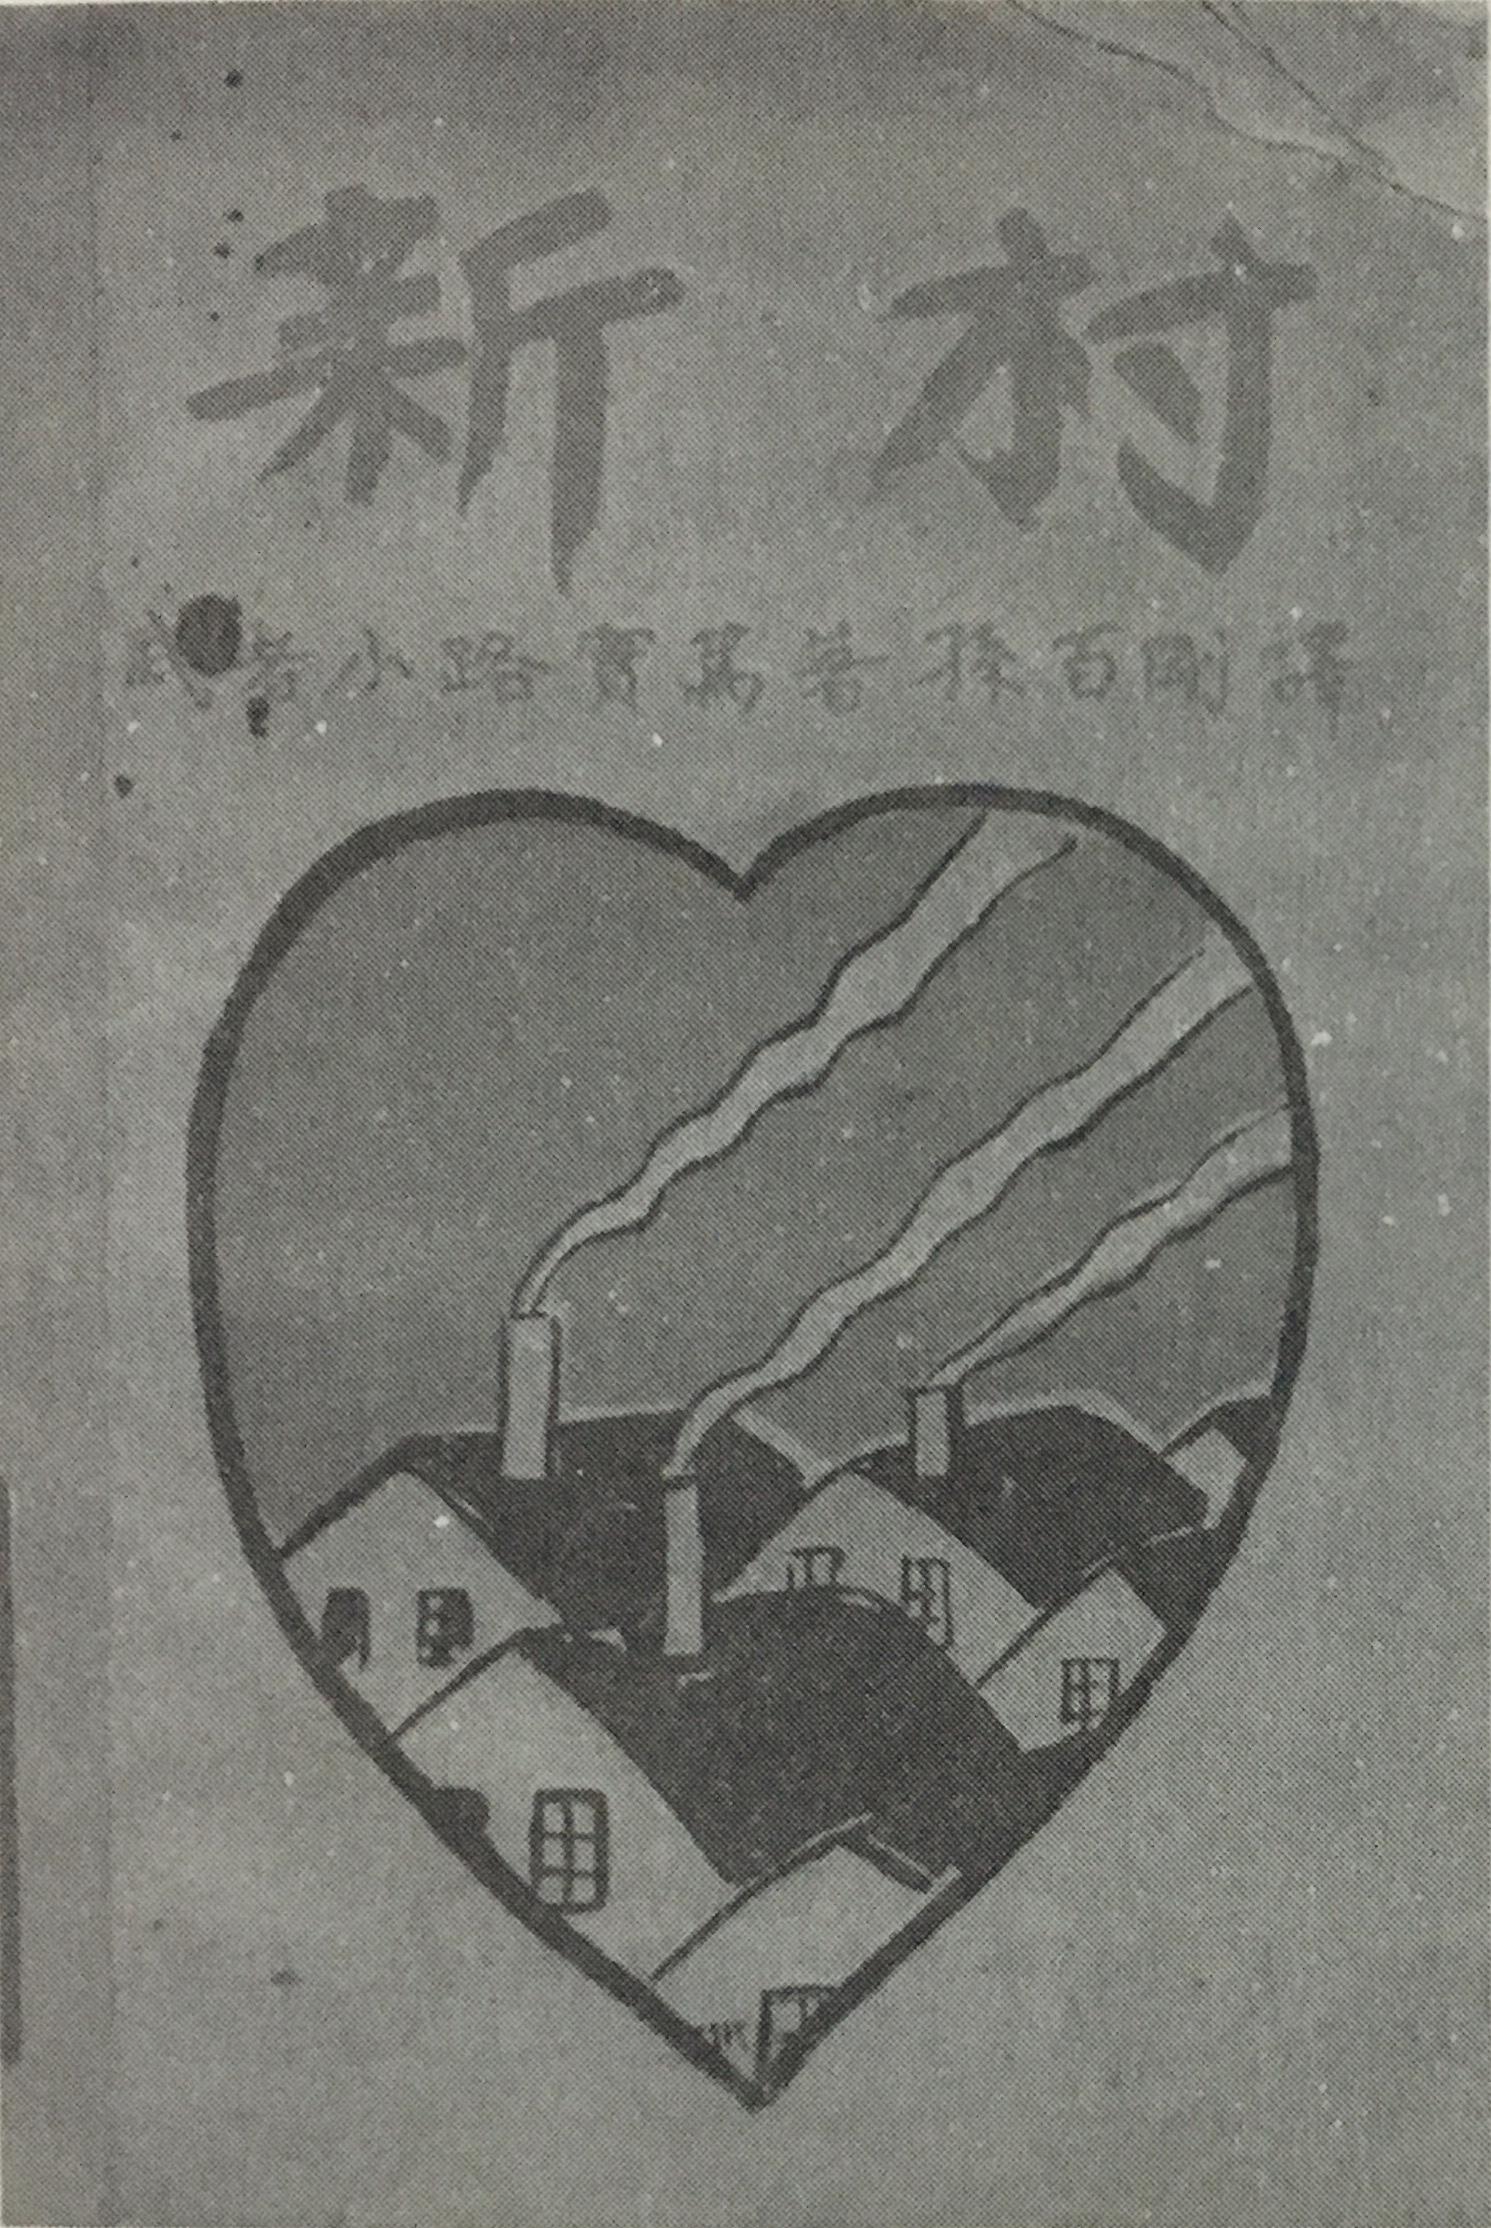 武者小路实笃《新村》中译本书封(1927)上海图书馆历史文献中心 图